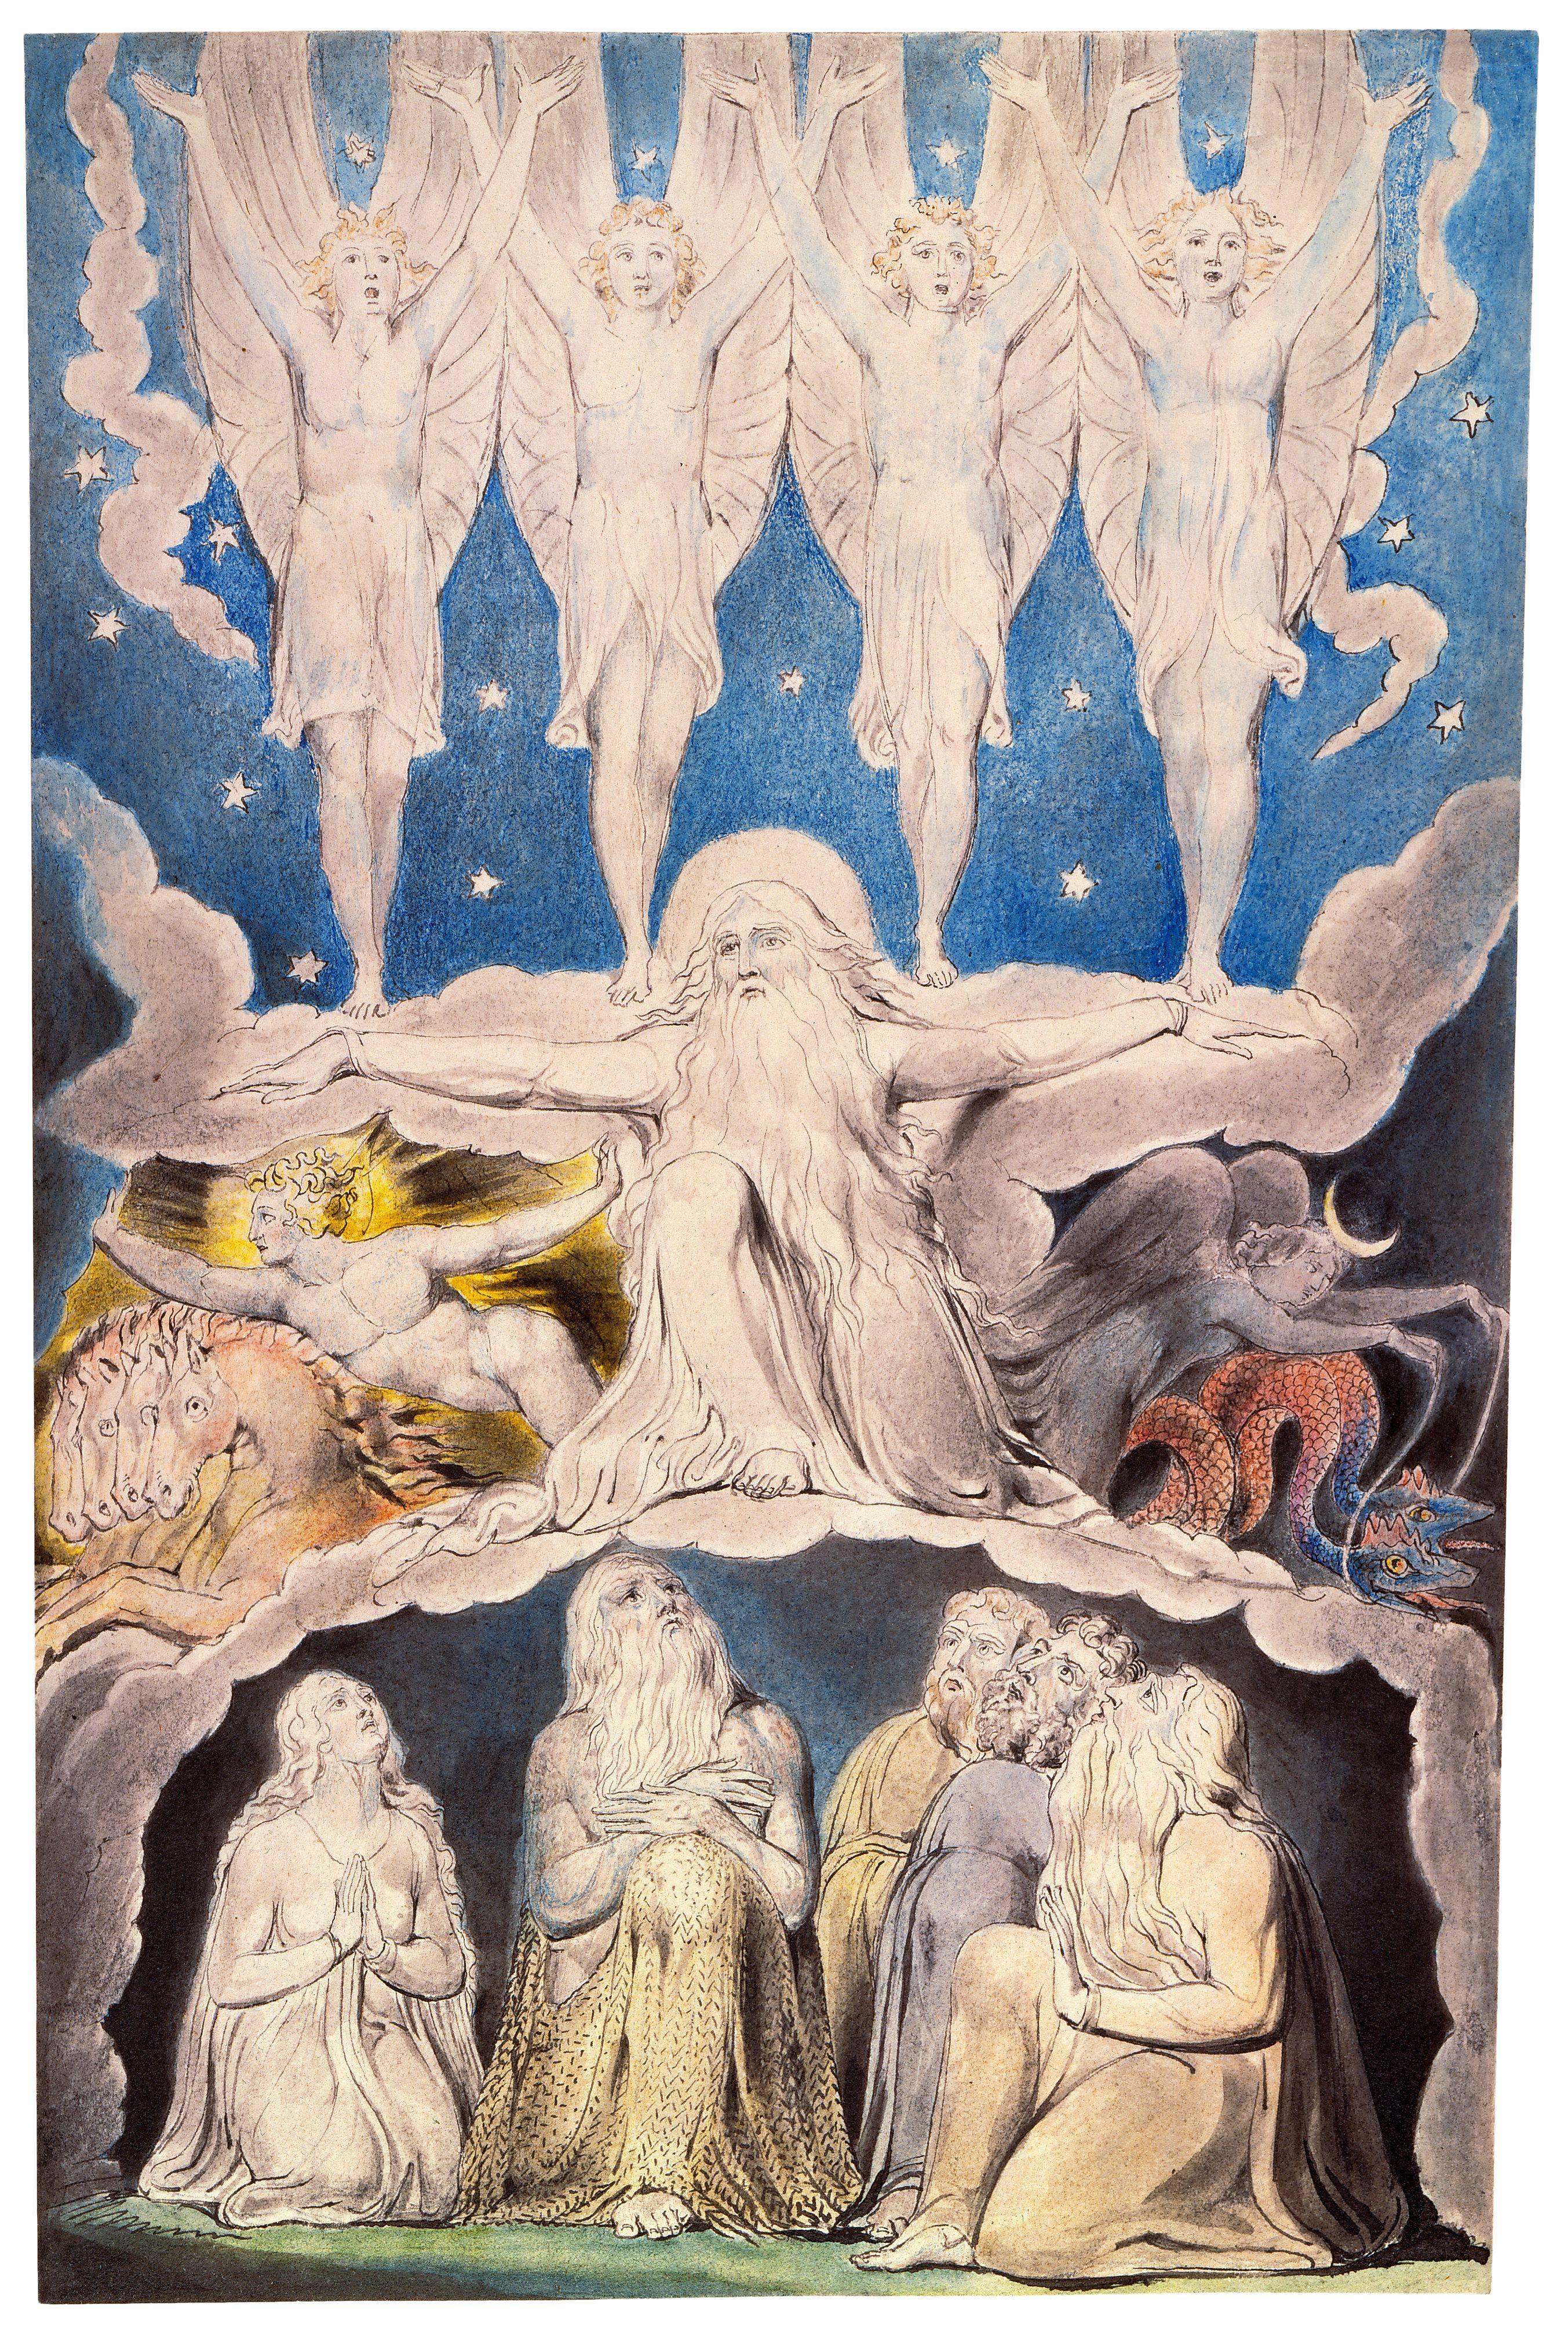 上图:英国诗人、画家威廉·布莱克(William Blake,1757-1827年)的版画《当晨星一同歌唱 When the Morning Stars Sang Together》,描绘「那时,晨星一同歌唱;神的众子也都欢呼」(伯三十八7)。